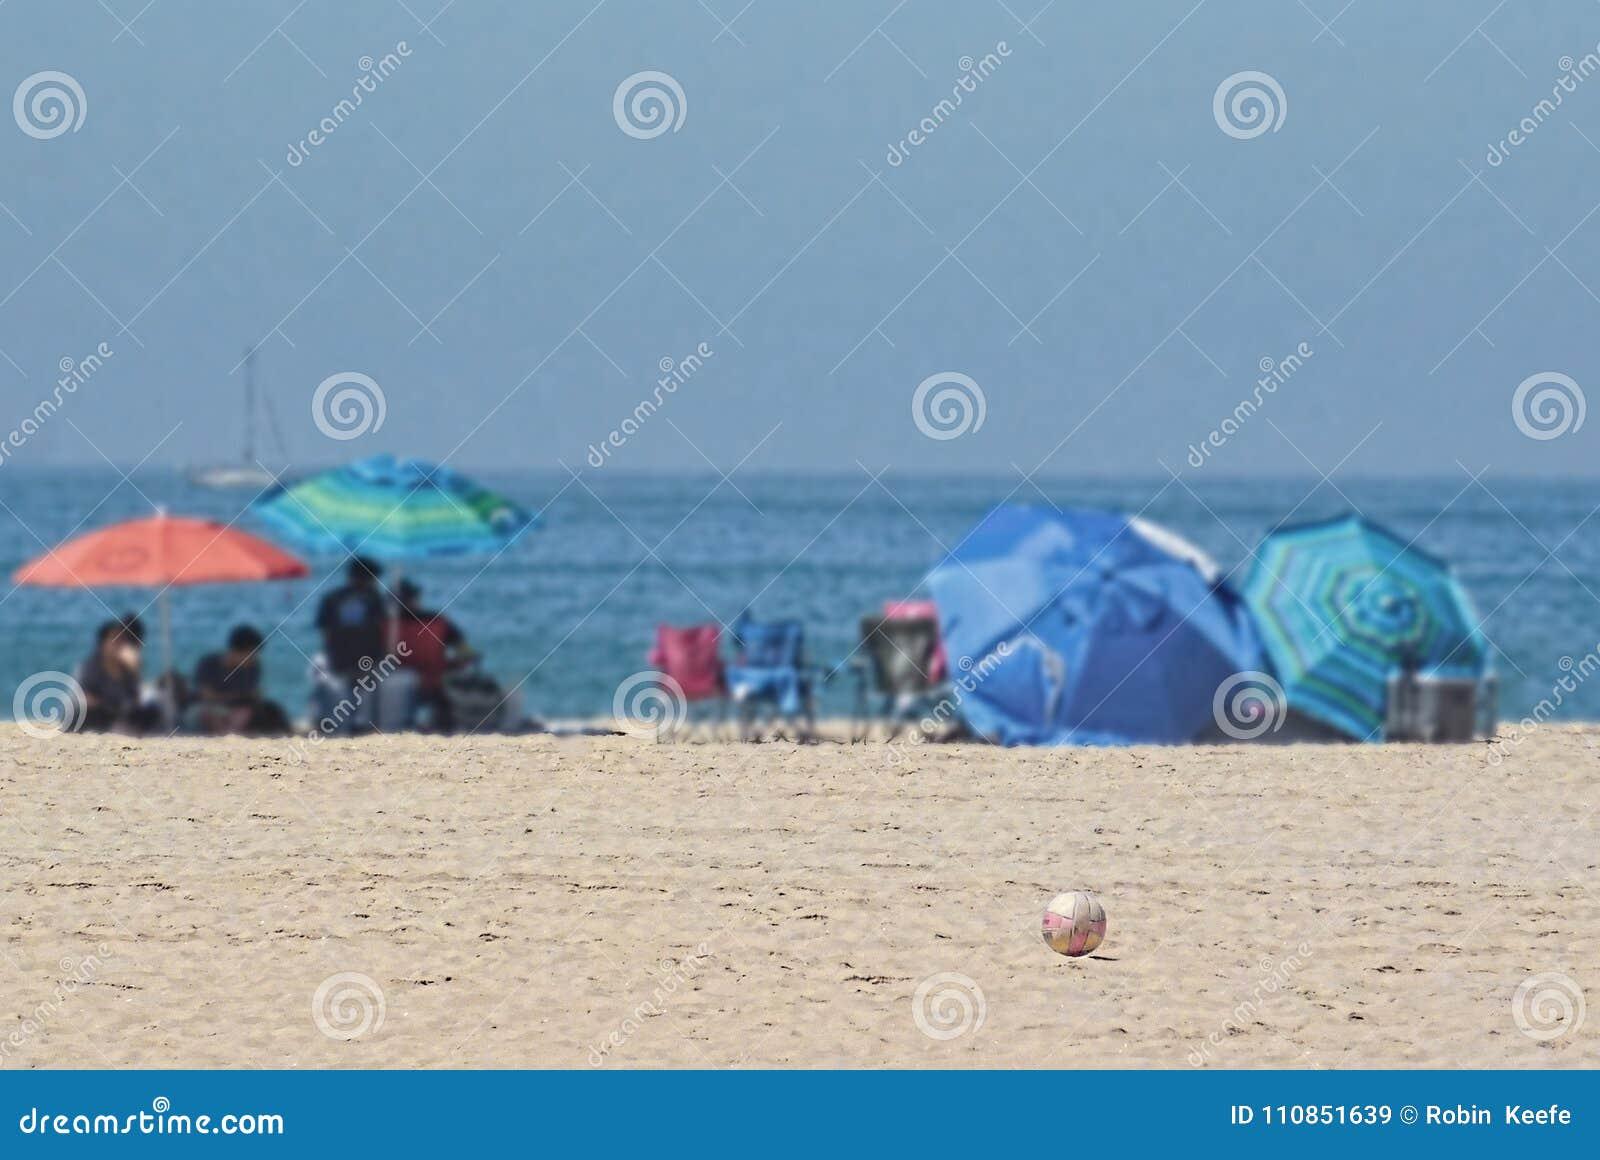 Open Beach Umbrellas Near The Ocean Stock Image - Image of ...